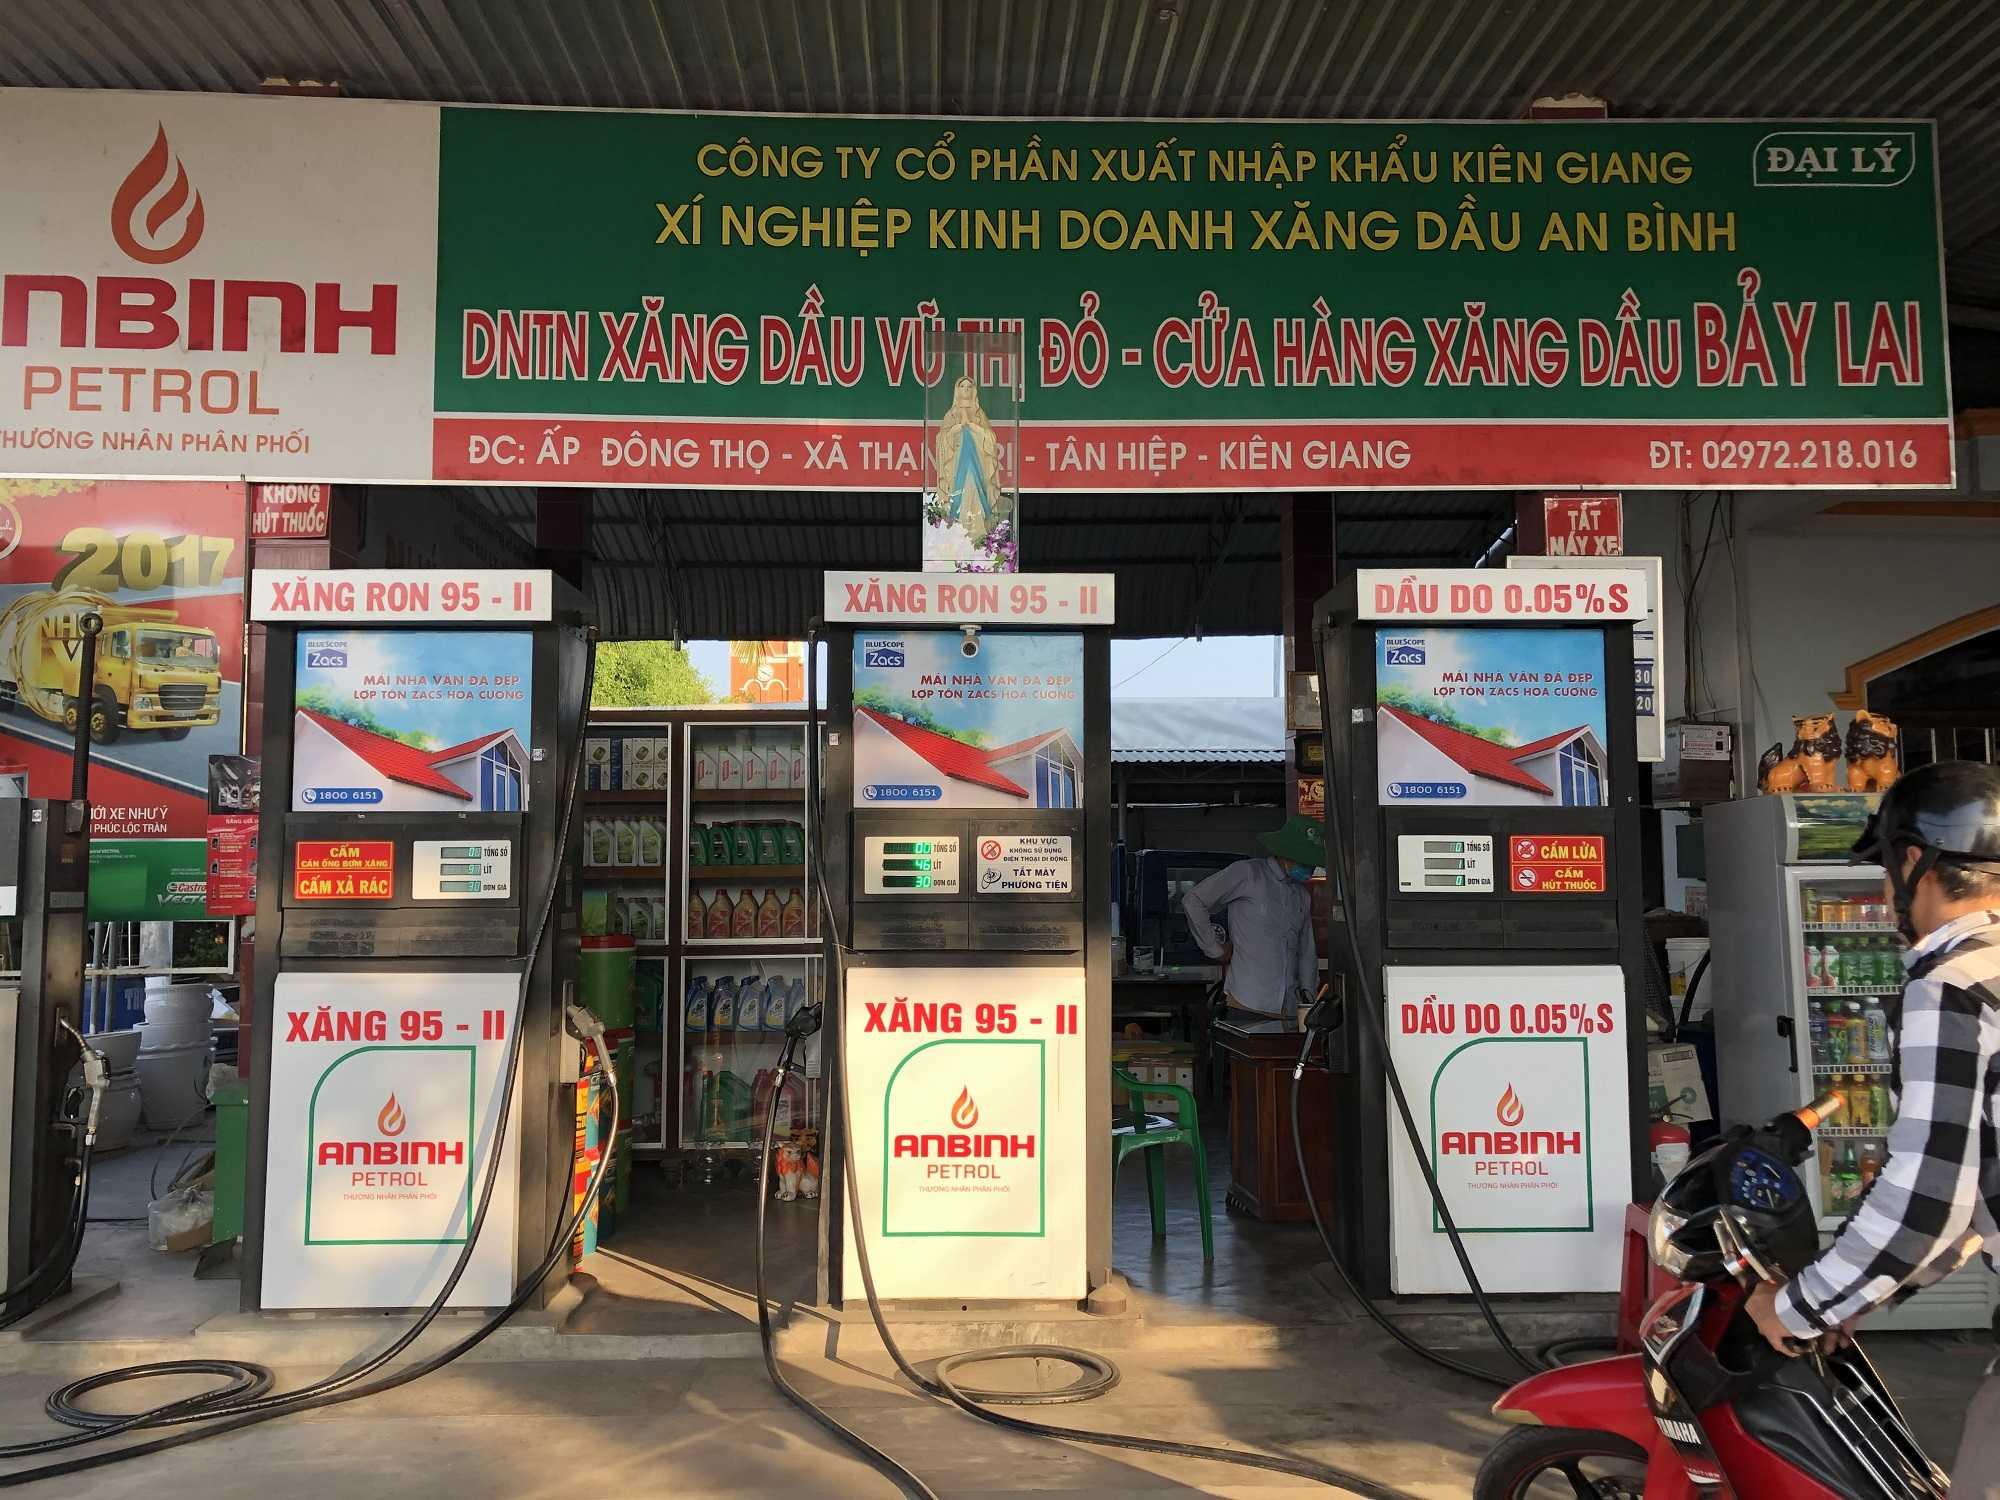 Quảng cáo CHXD Bảy Lai Ấp Đông Thọ, Xã Thạnh An, Tân Hiệp, Kiên Giang